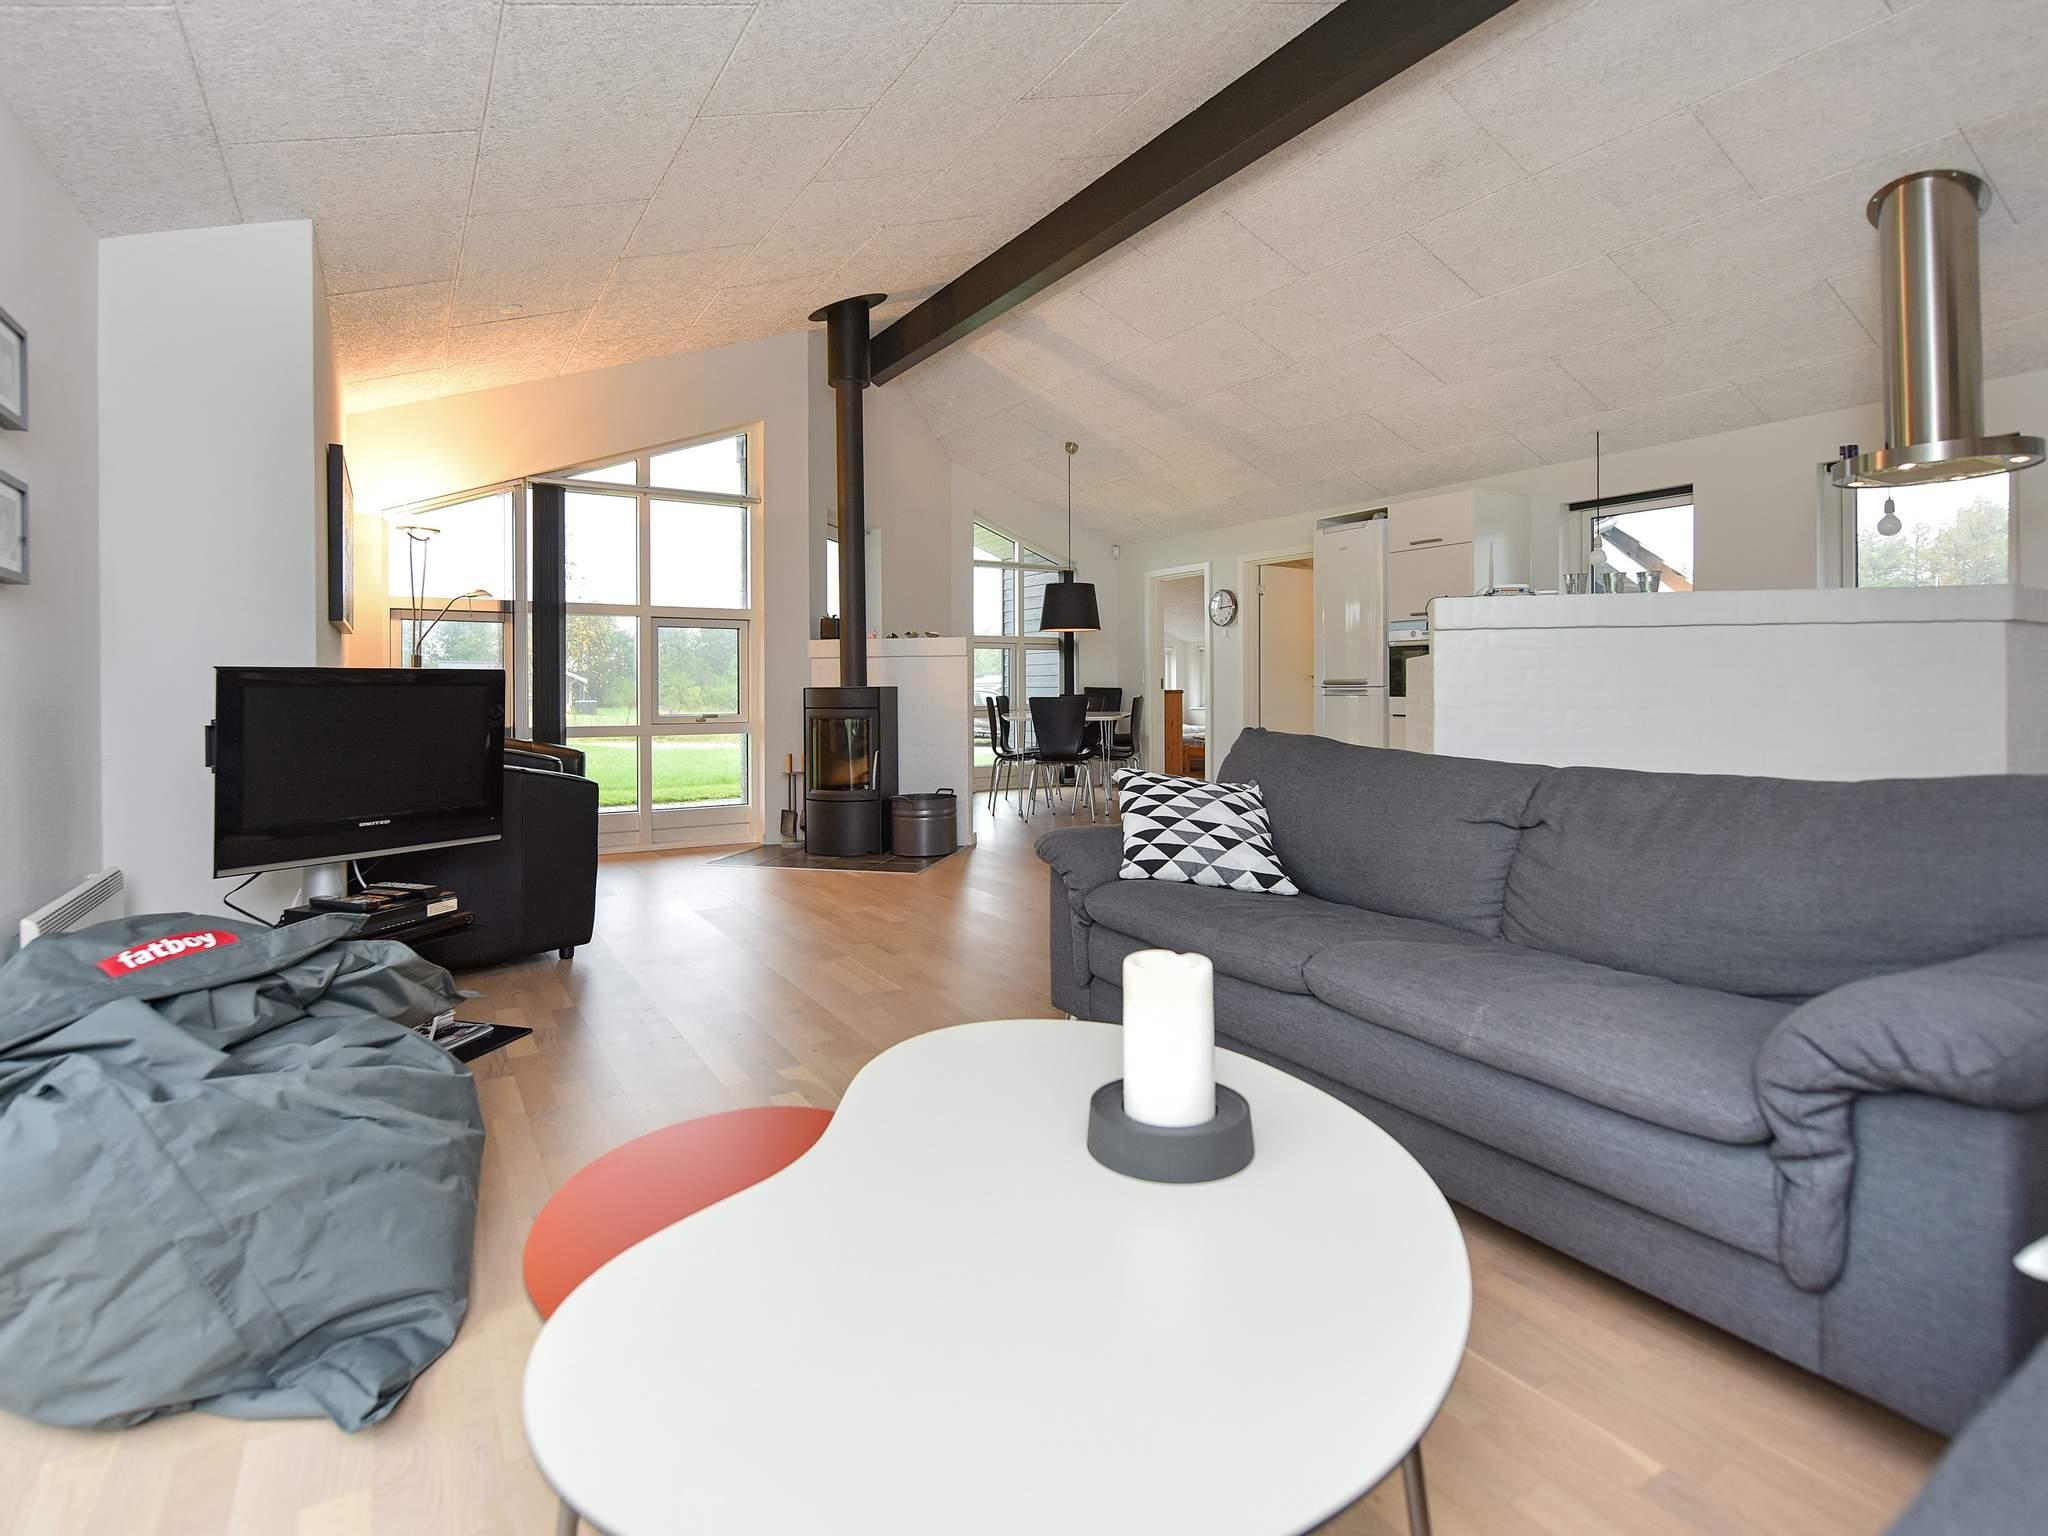 Ferienhaus Hovborg (404746), Hovborg, , Südjütland, Dänemark, Bild 2